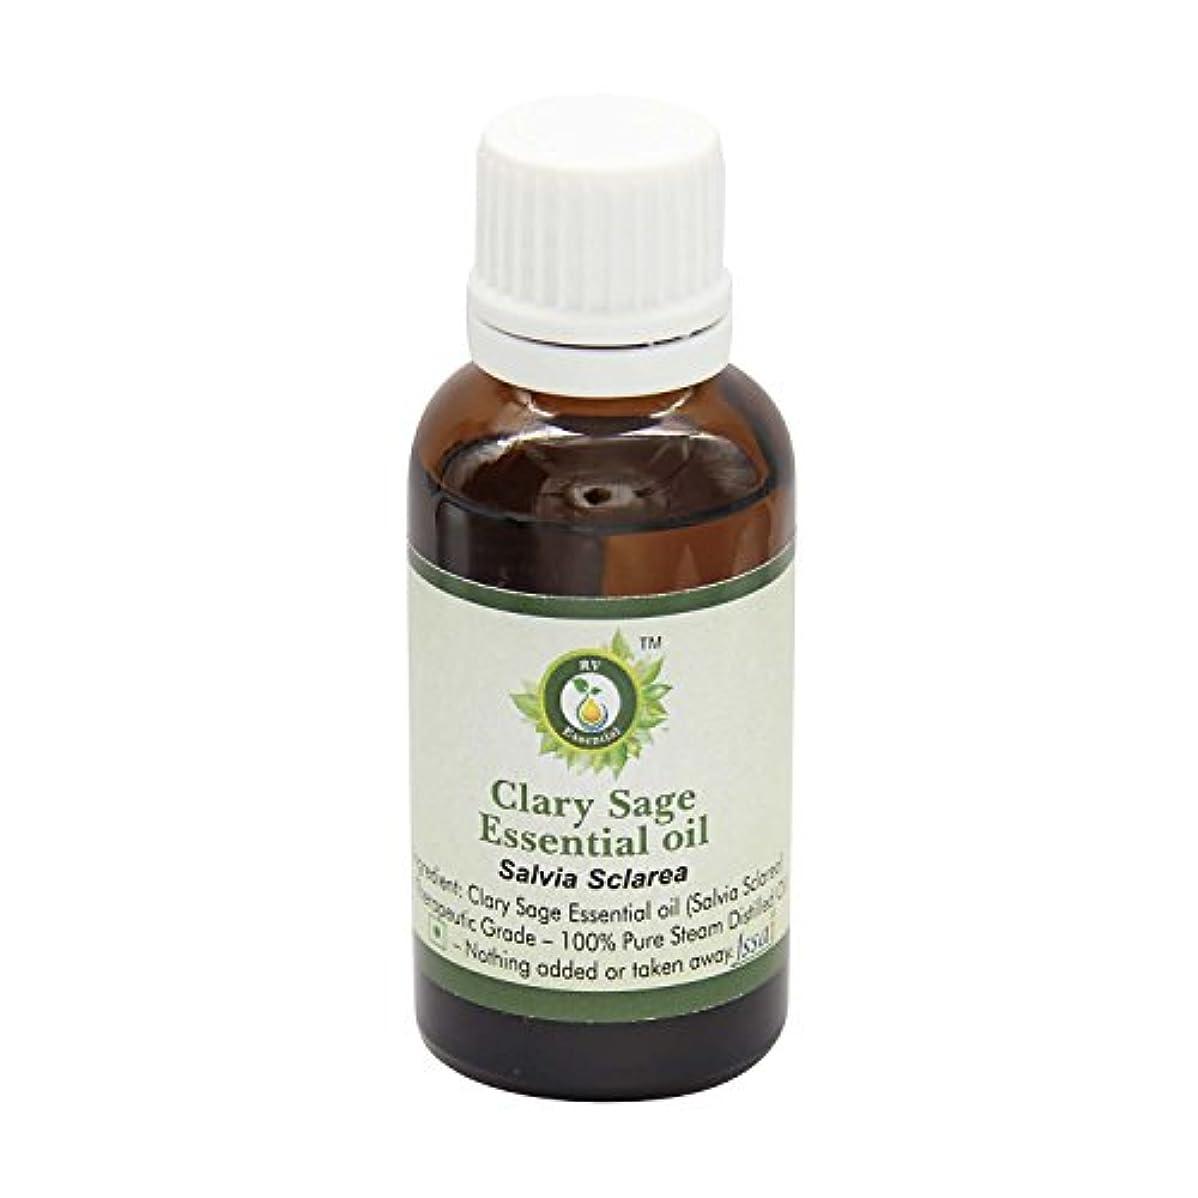 ケーブル好む条件付きR V Essential ピュアクラリーセージエッセンシャルオイル630ml (21oz)- Salvia Sclarea (100%純粋&天然スチームDistilled) Pure Clary Sage Essential...